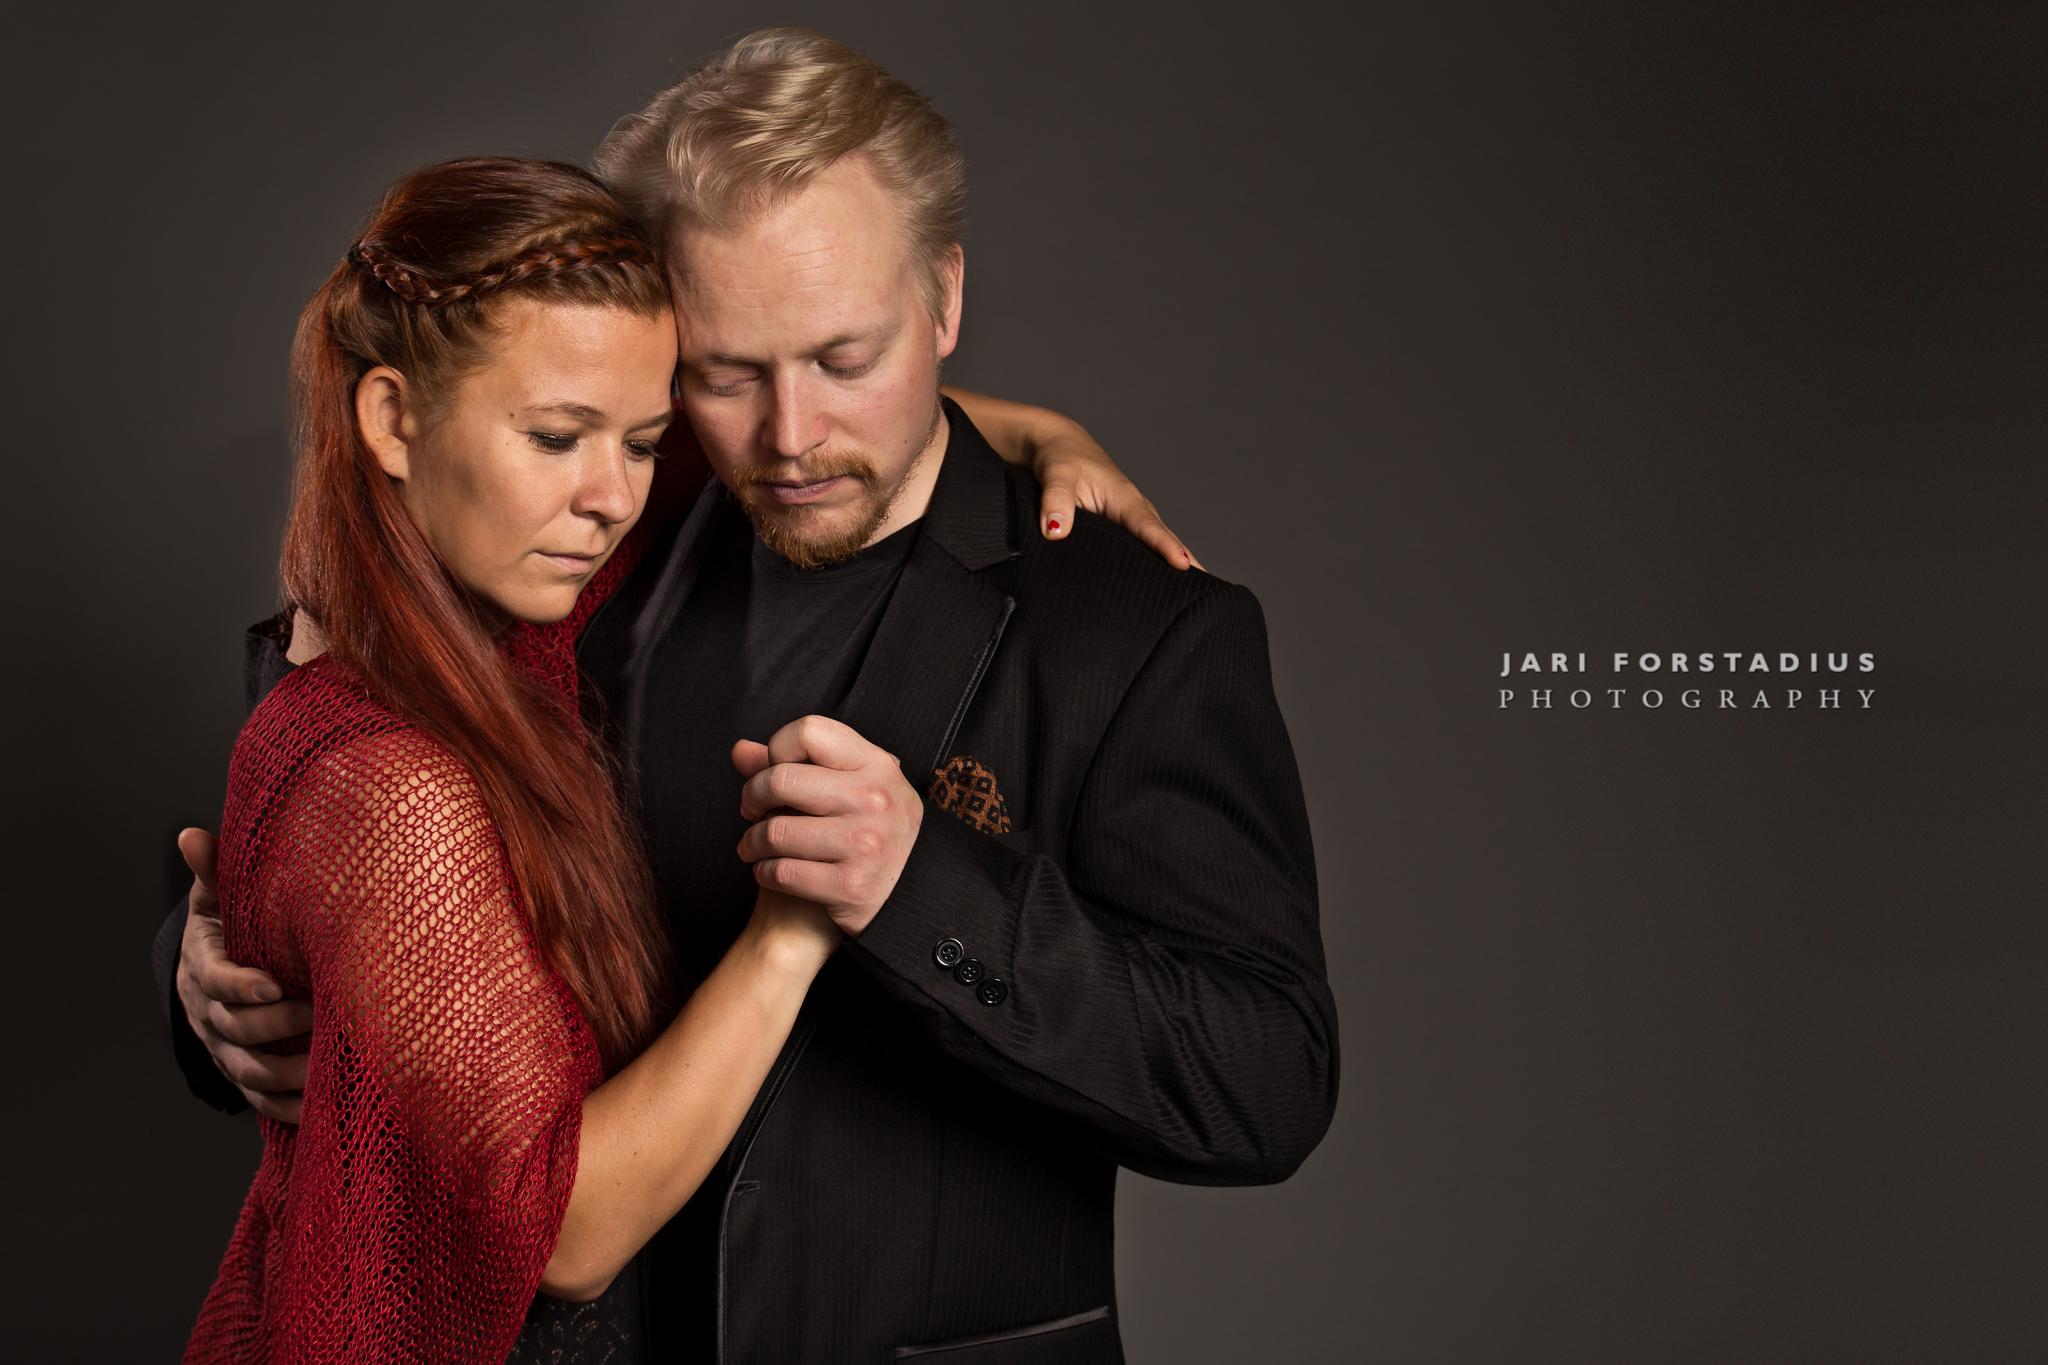 Photoshoot with Tangotheatre Kiukkarainen